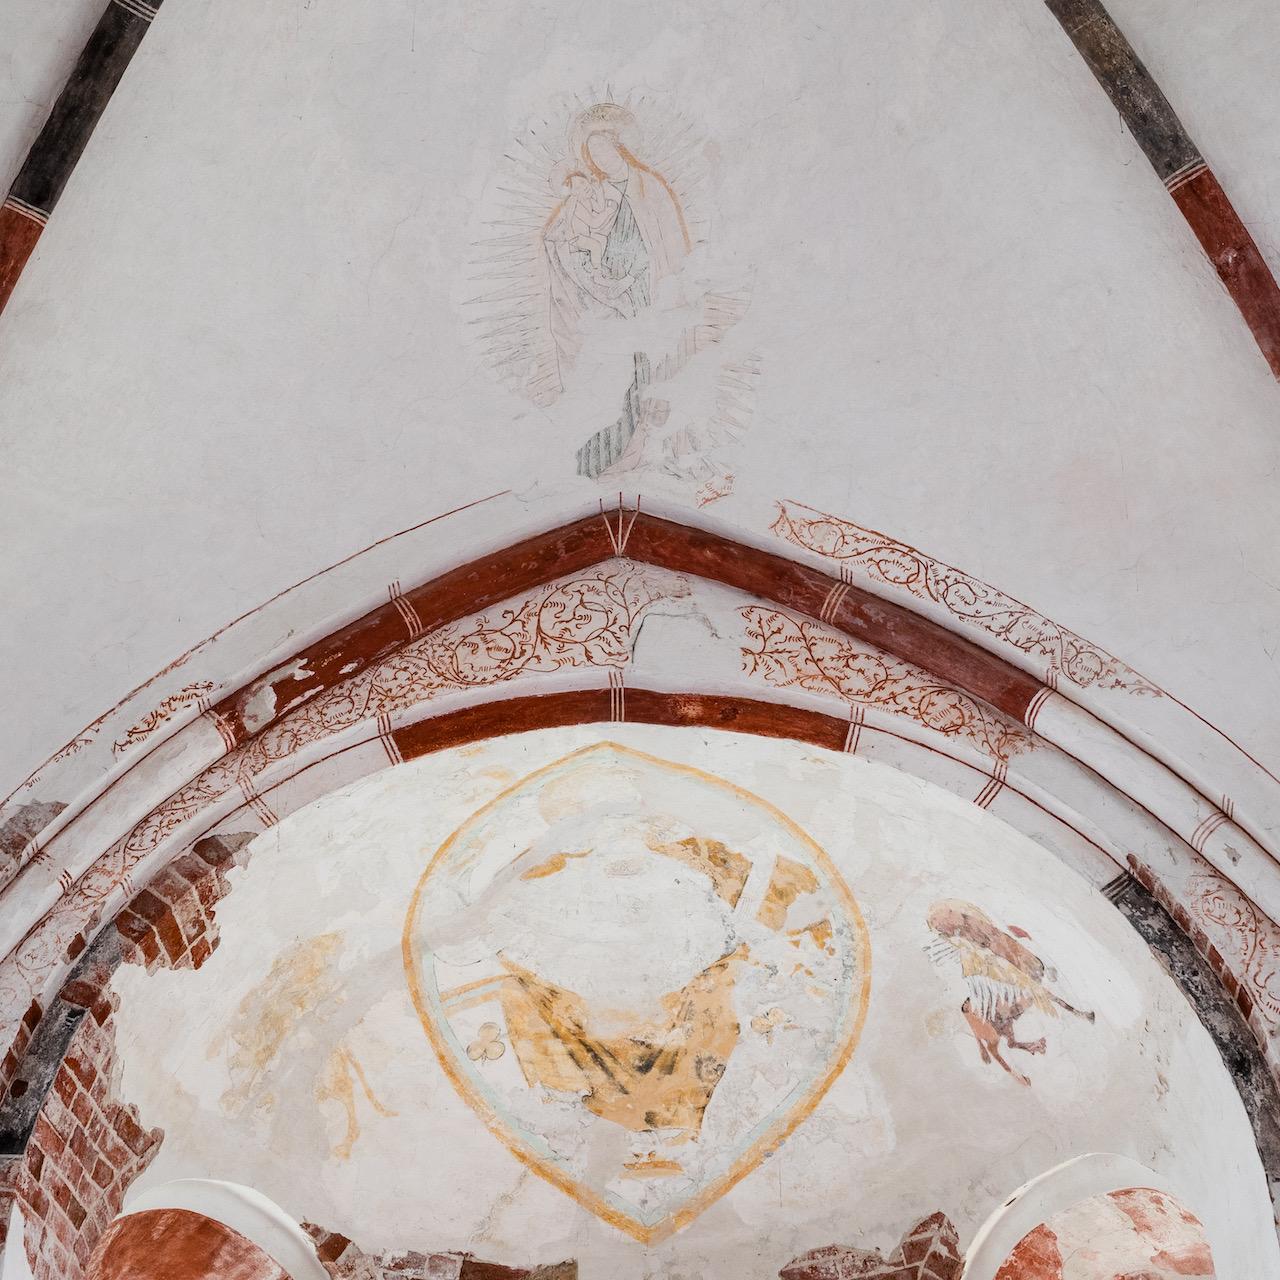 Deckenmalerei im Chor (Christus in der Mandorla in der Apsis frühes 14. Jh., Maria im Strahlenkranz über dem Apsisbogen spätes 15. Jh.)